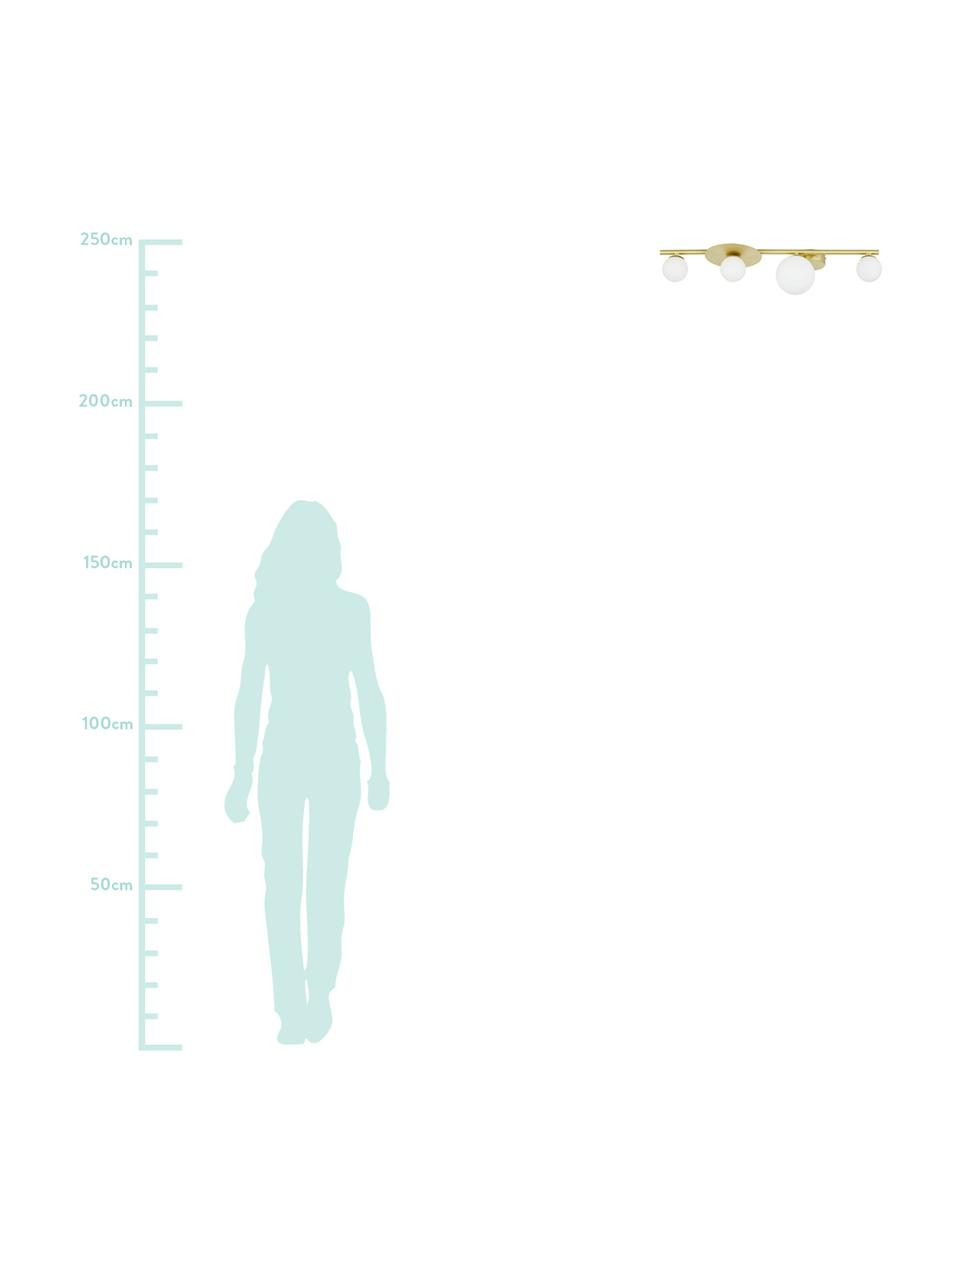 Lampada da soffitto in vetro opale Ciara, Paralume: vetro, Baldacchino: metallo ottonato, Baldacchino e rilegatura: ottone opaco Paralume: bianco, Larg. 69 x Alt. 16 cm